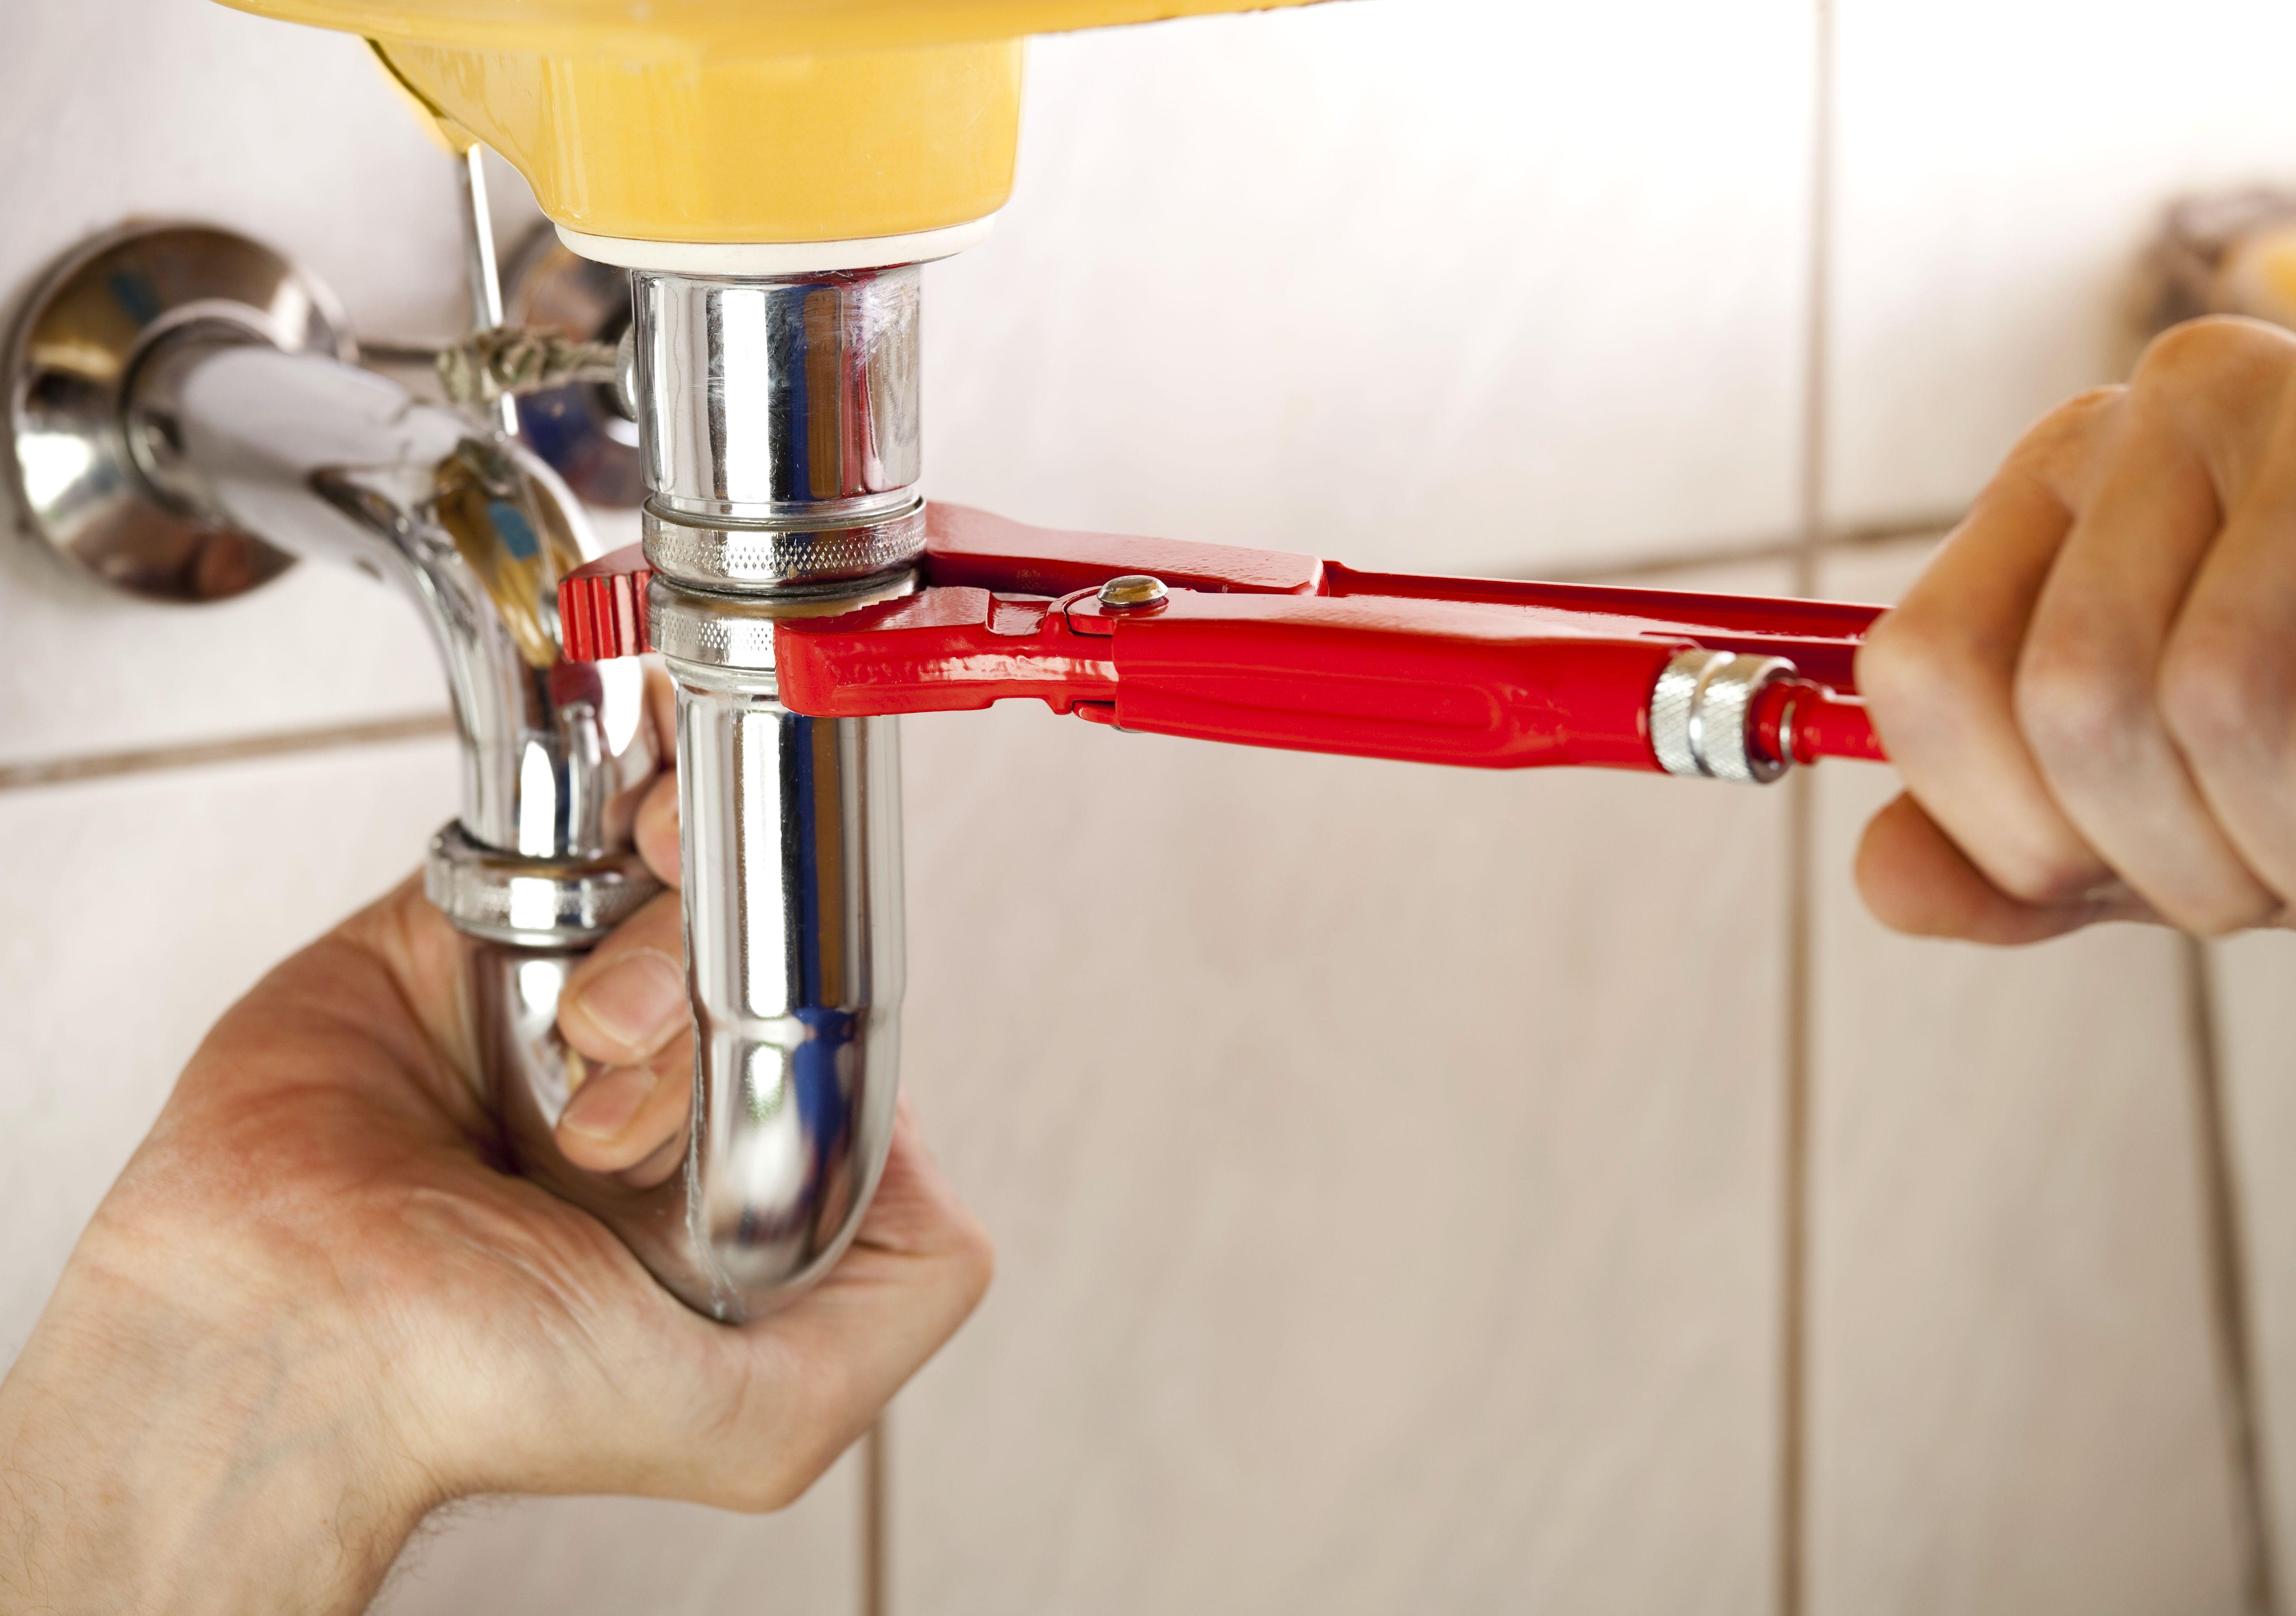 Reparaciones urgentes de fontanería en Sant Boi de Llobregat